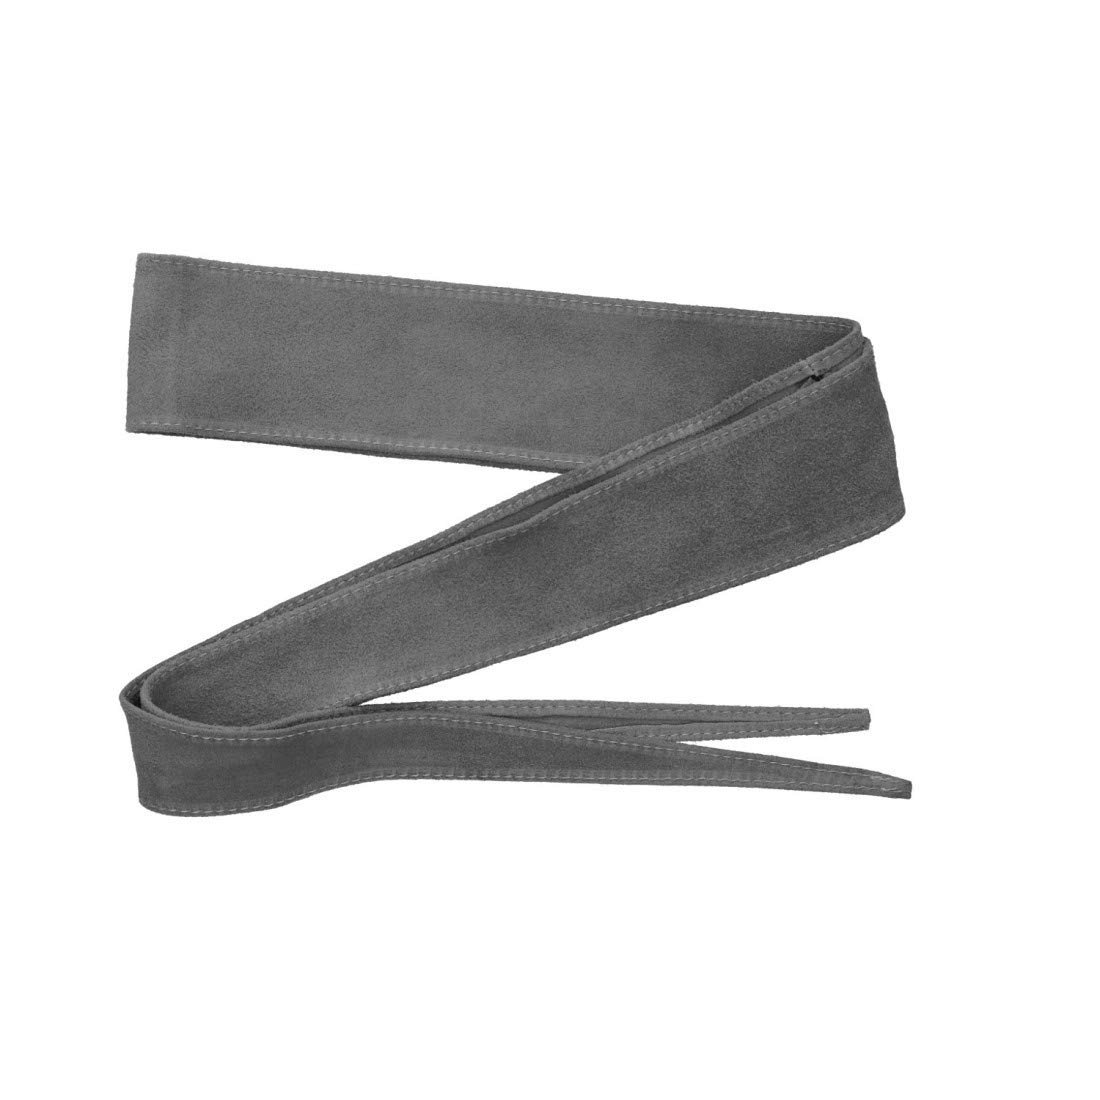 INTARSI Cintura donna fascia fusciacca pelle scamosciata Made in Italy VR1908